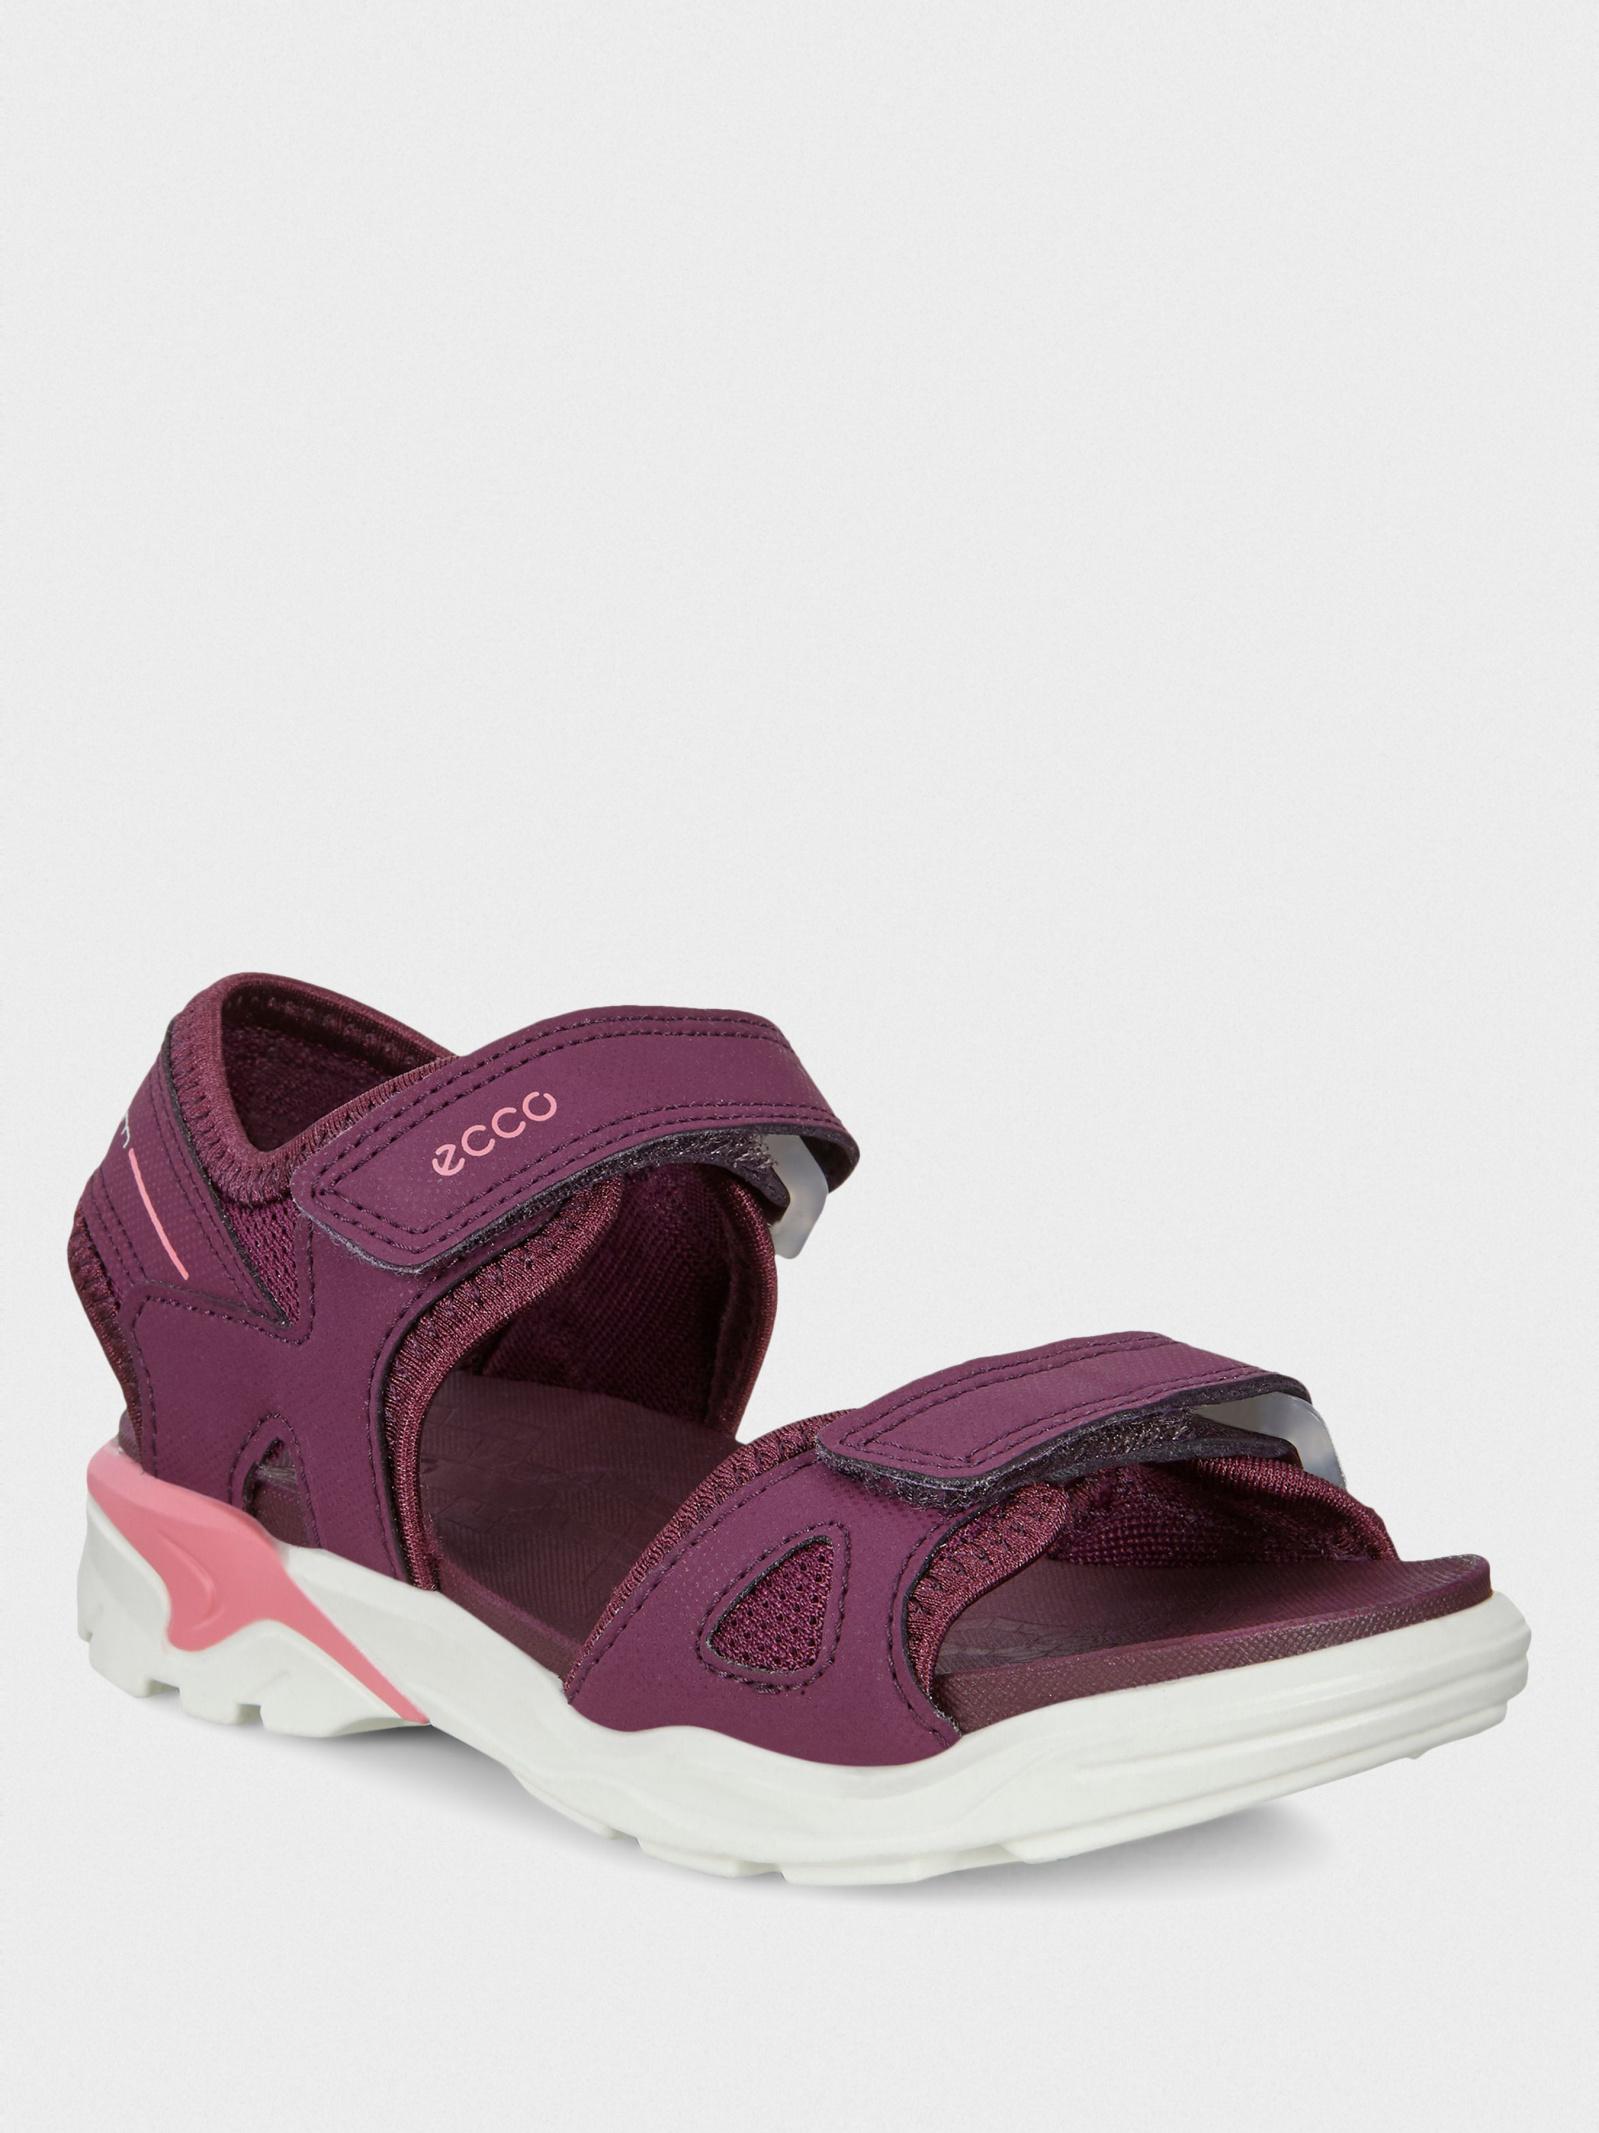 Сандалі  для дітей ECCO 700642(00113) купити взуття, 2017